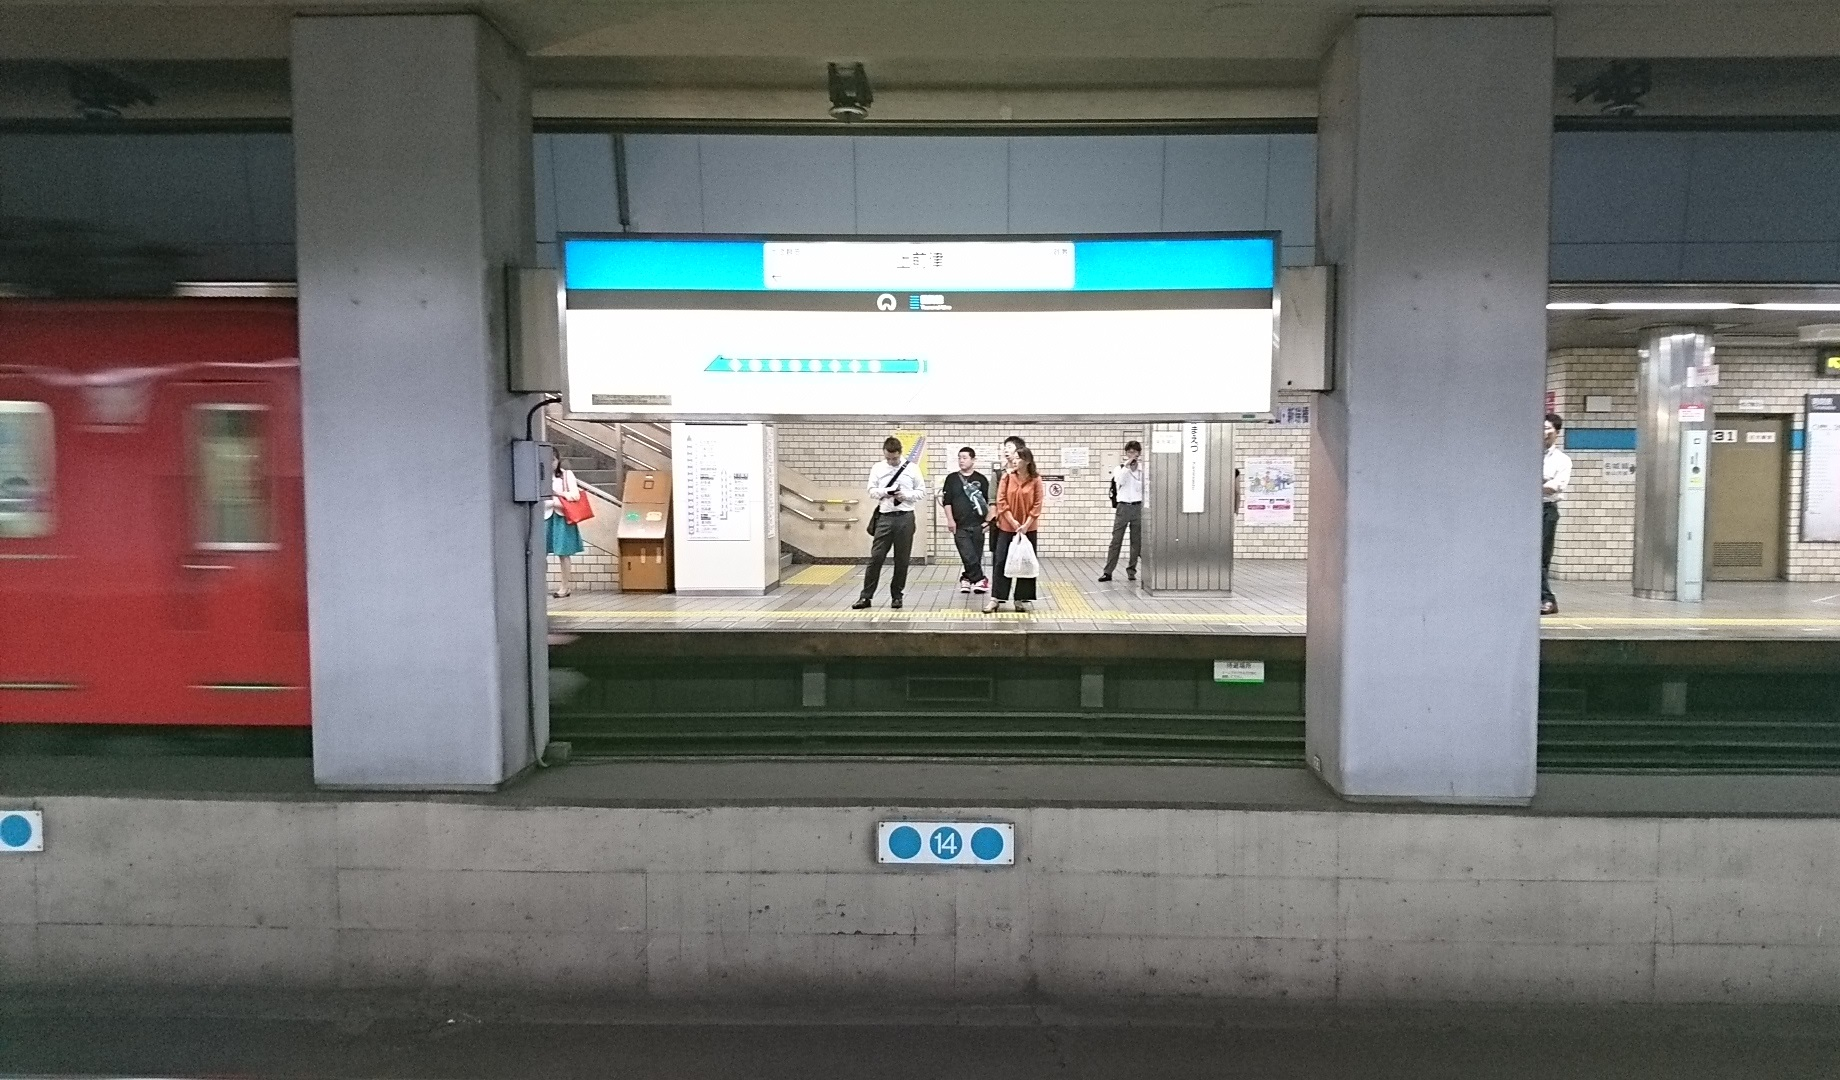 2017.10.3 豊田線 (46) 上前津 - 赤池いきふつう 1840-1080